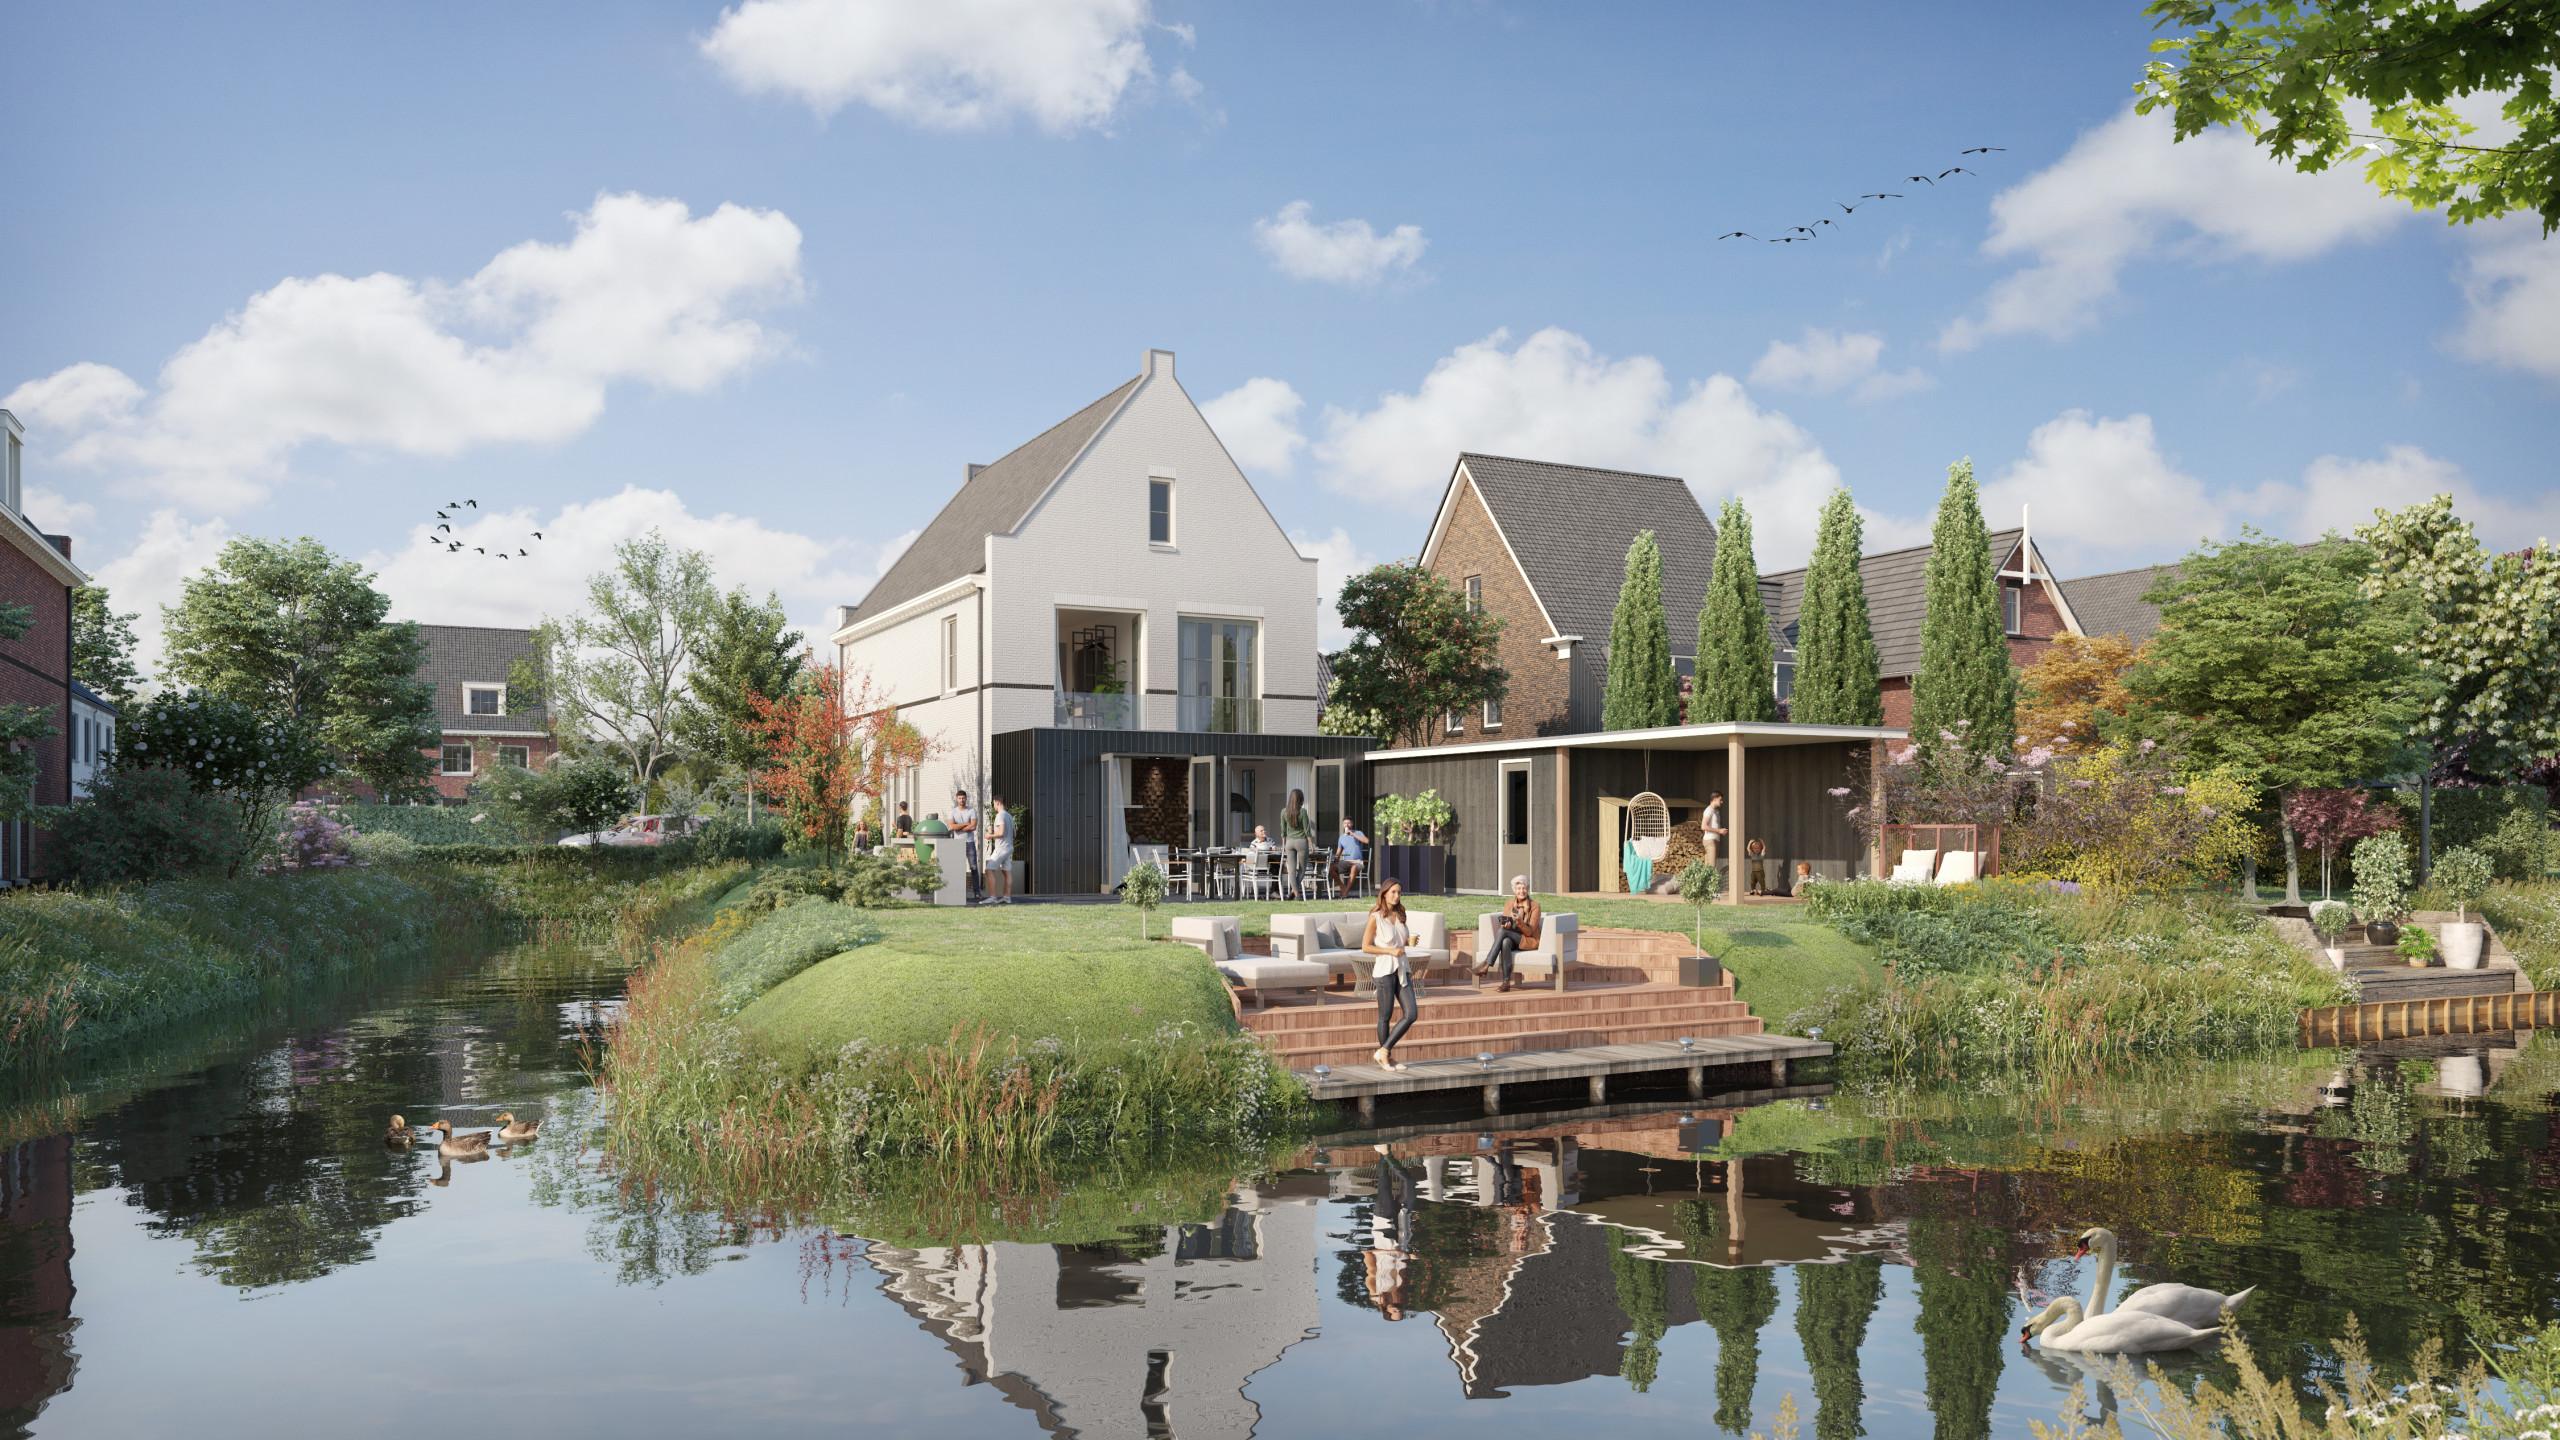 Beeldenfabriek - Vecht en Veld - Vreeland